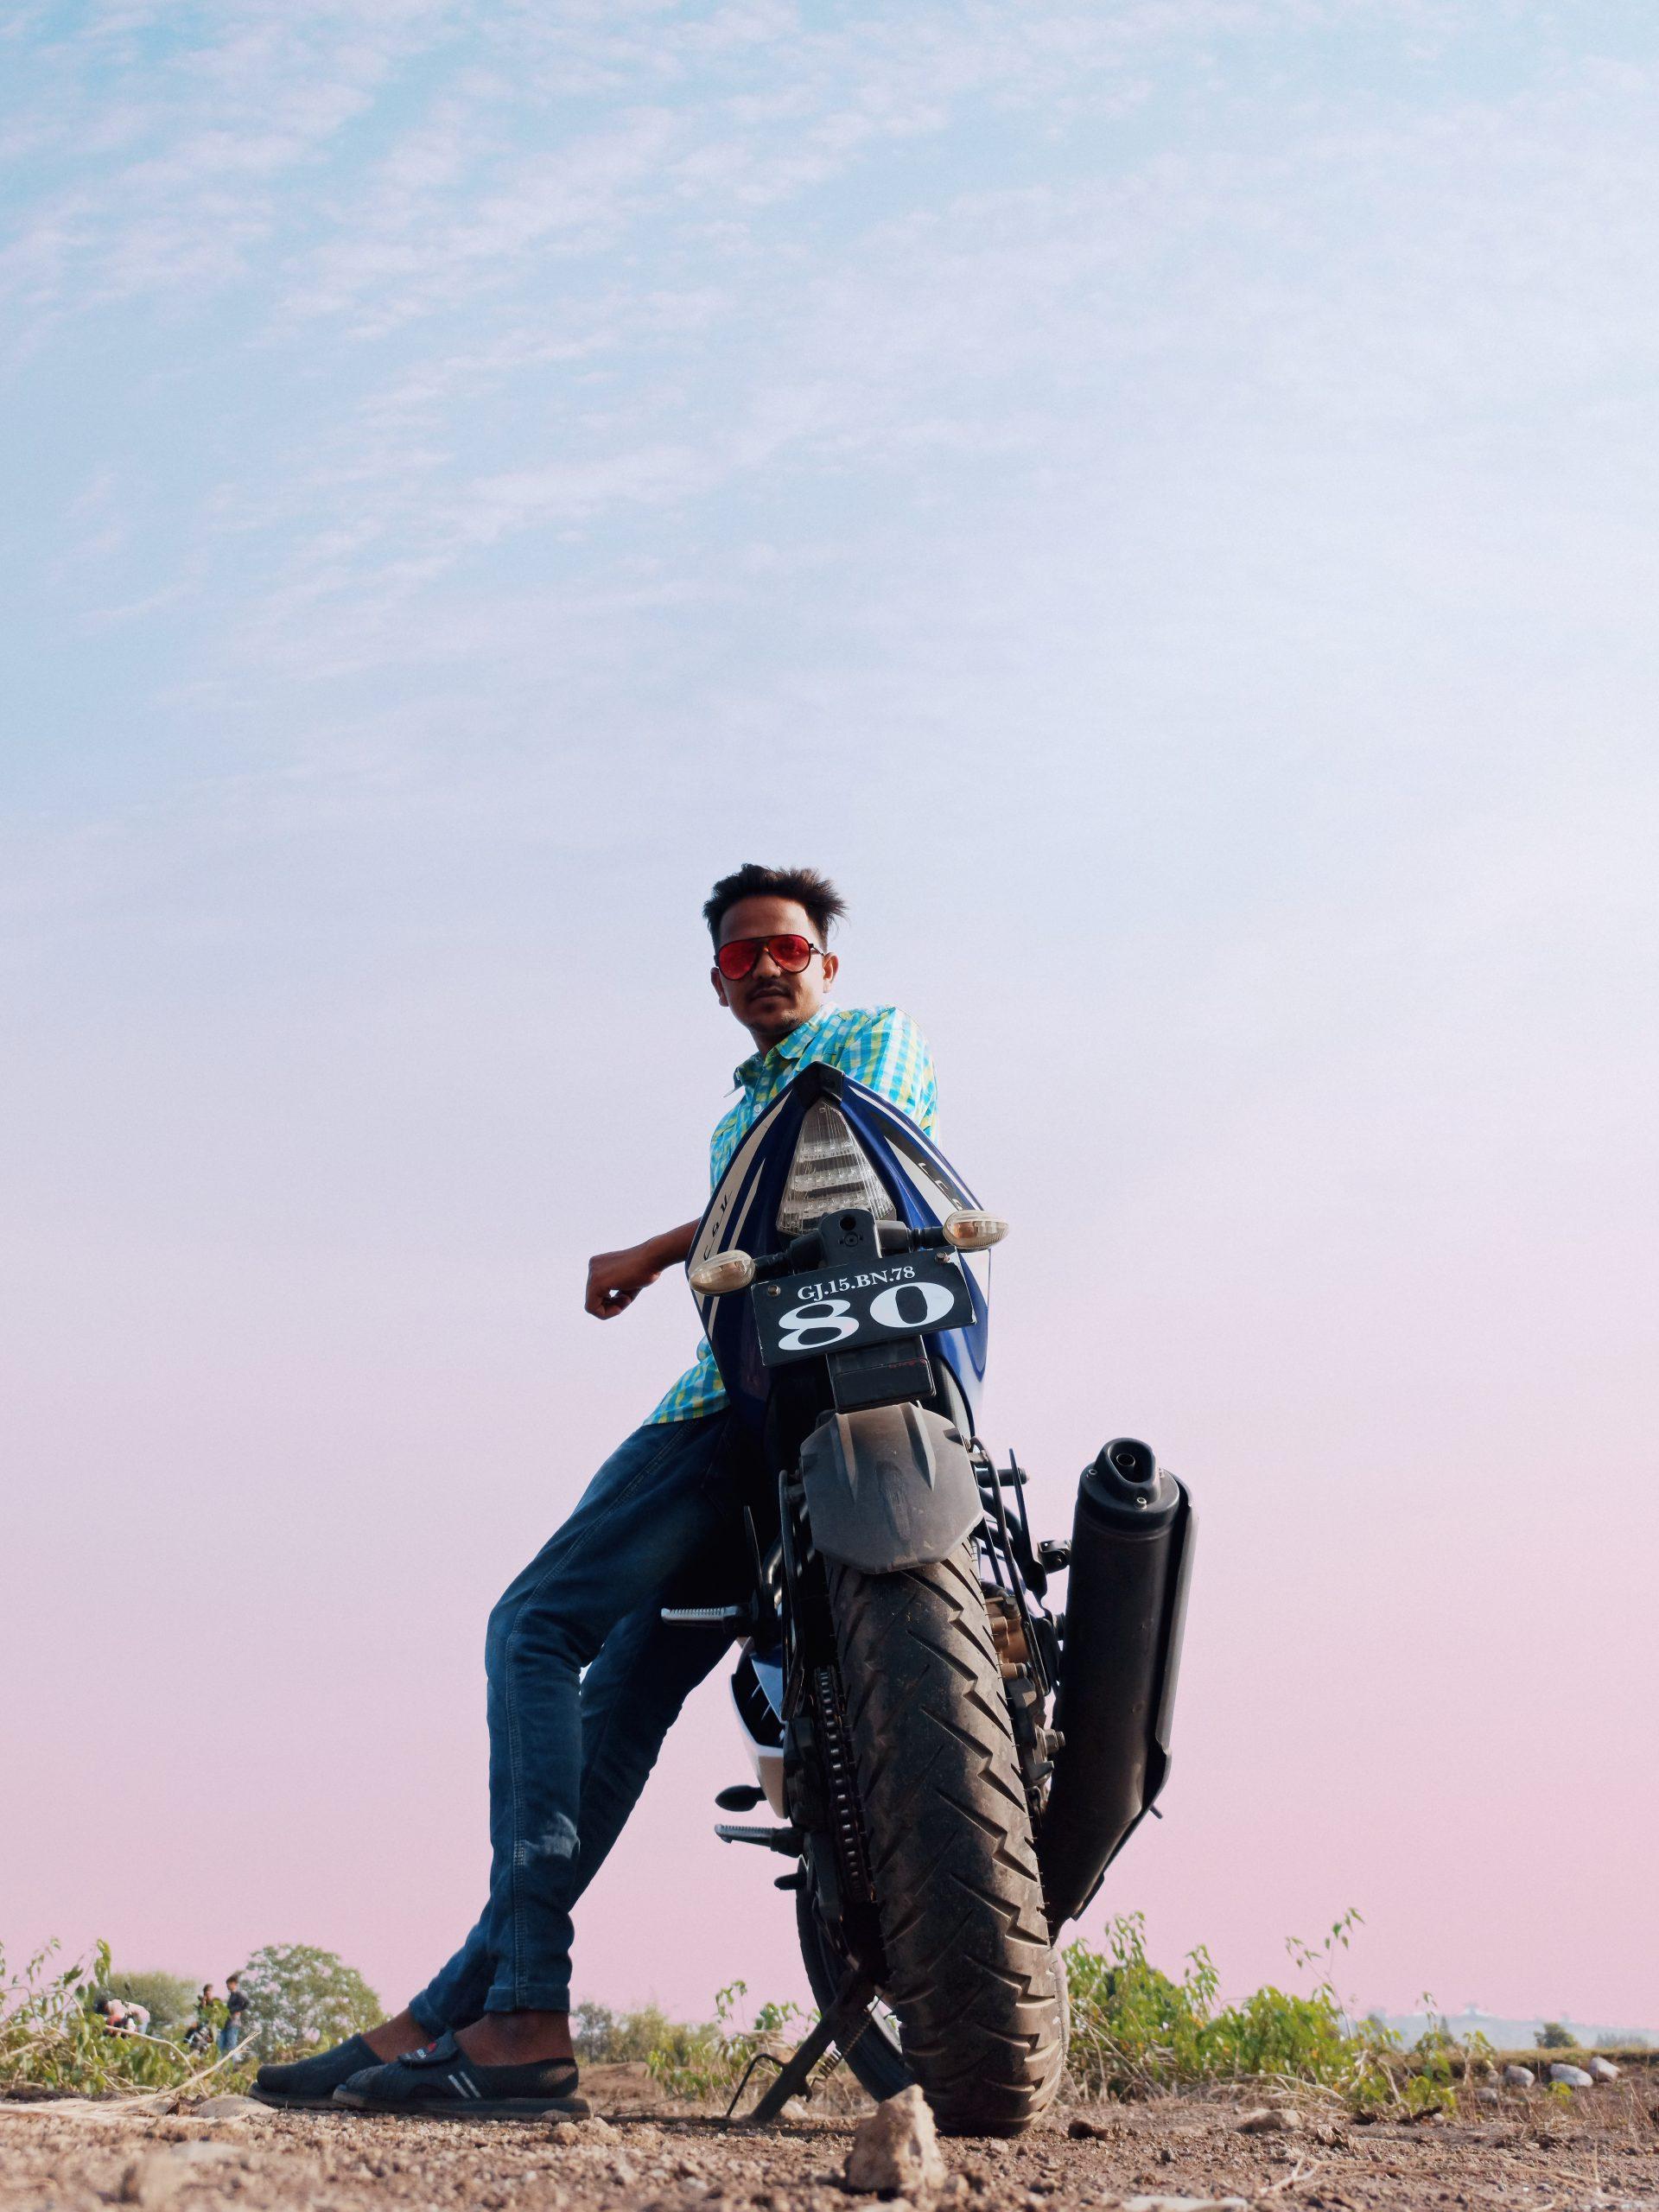 A boy posing on bike